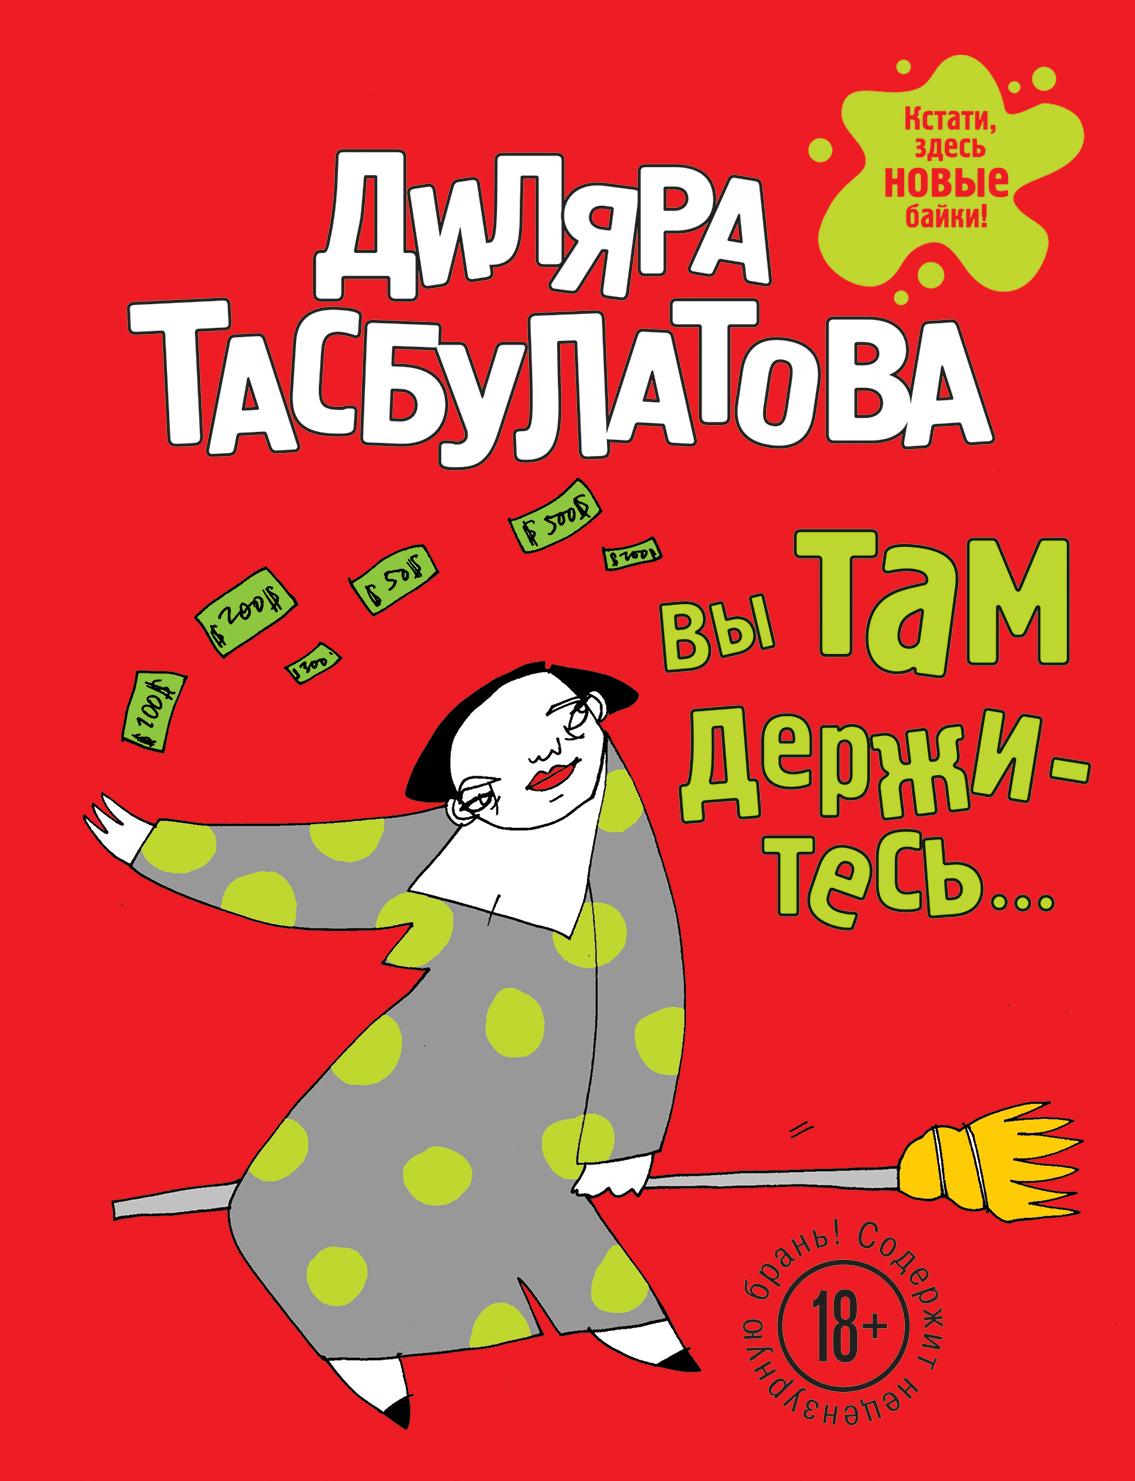 Тасбулатова Диляра Вы там держитесь тасбулатова диляра керизбековна кот консьержка и другие уважаемые люди